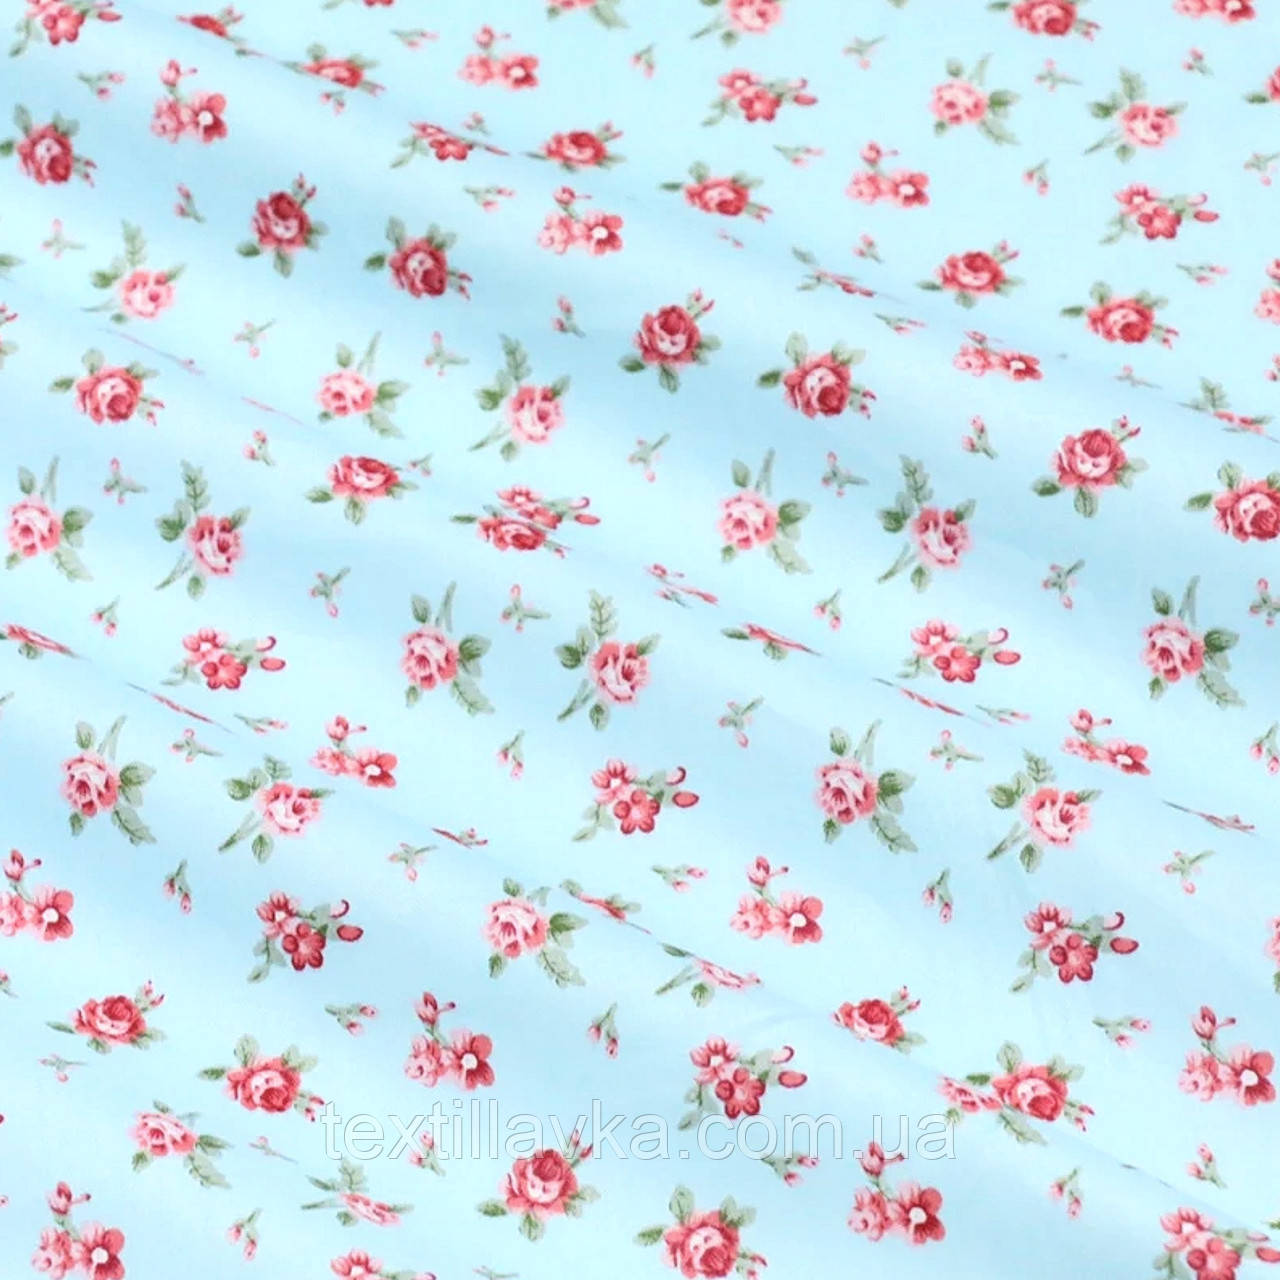 Ткань хлопок для рукоделия мелкие розочки на голубом